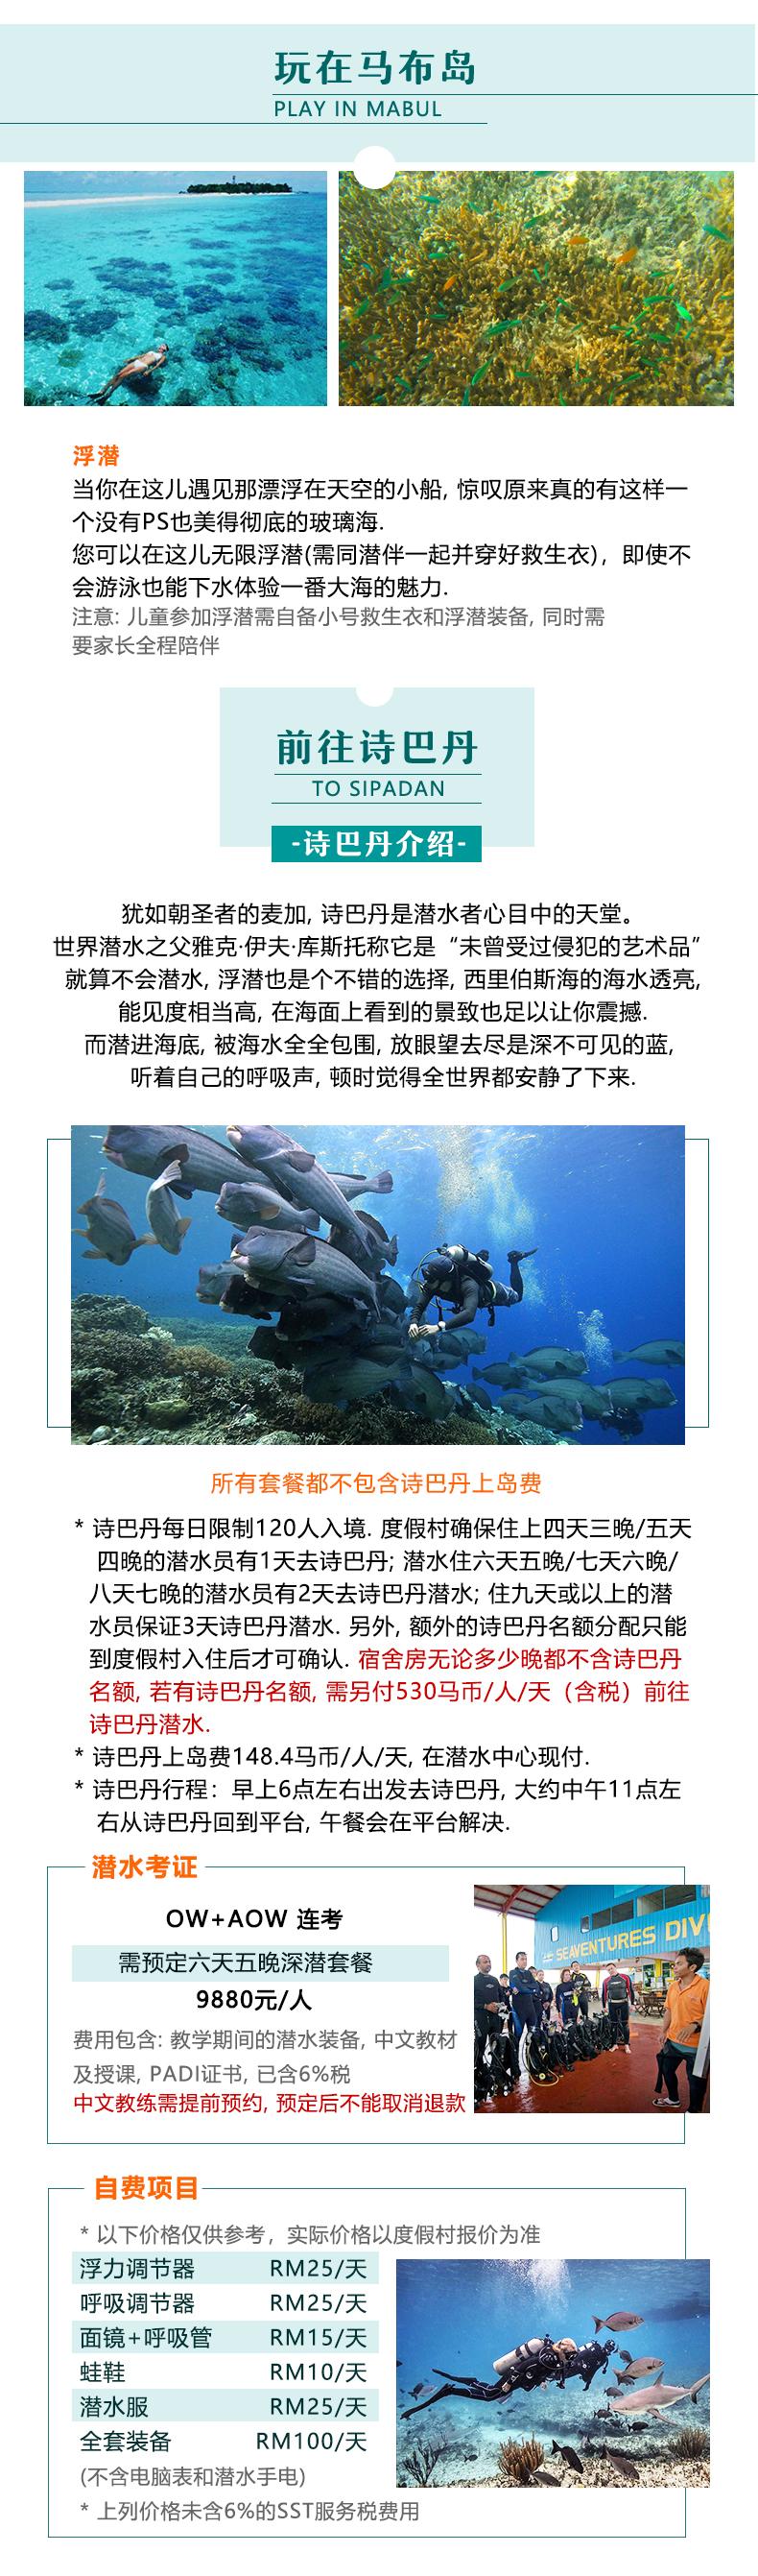 马布平台潜水度假村预定 Seaventures Rig 仙本那潜水诗巴丹岛 潜客